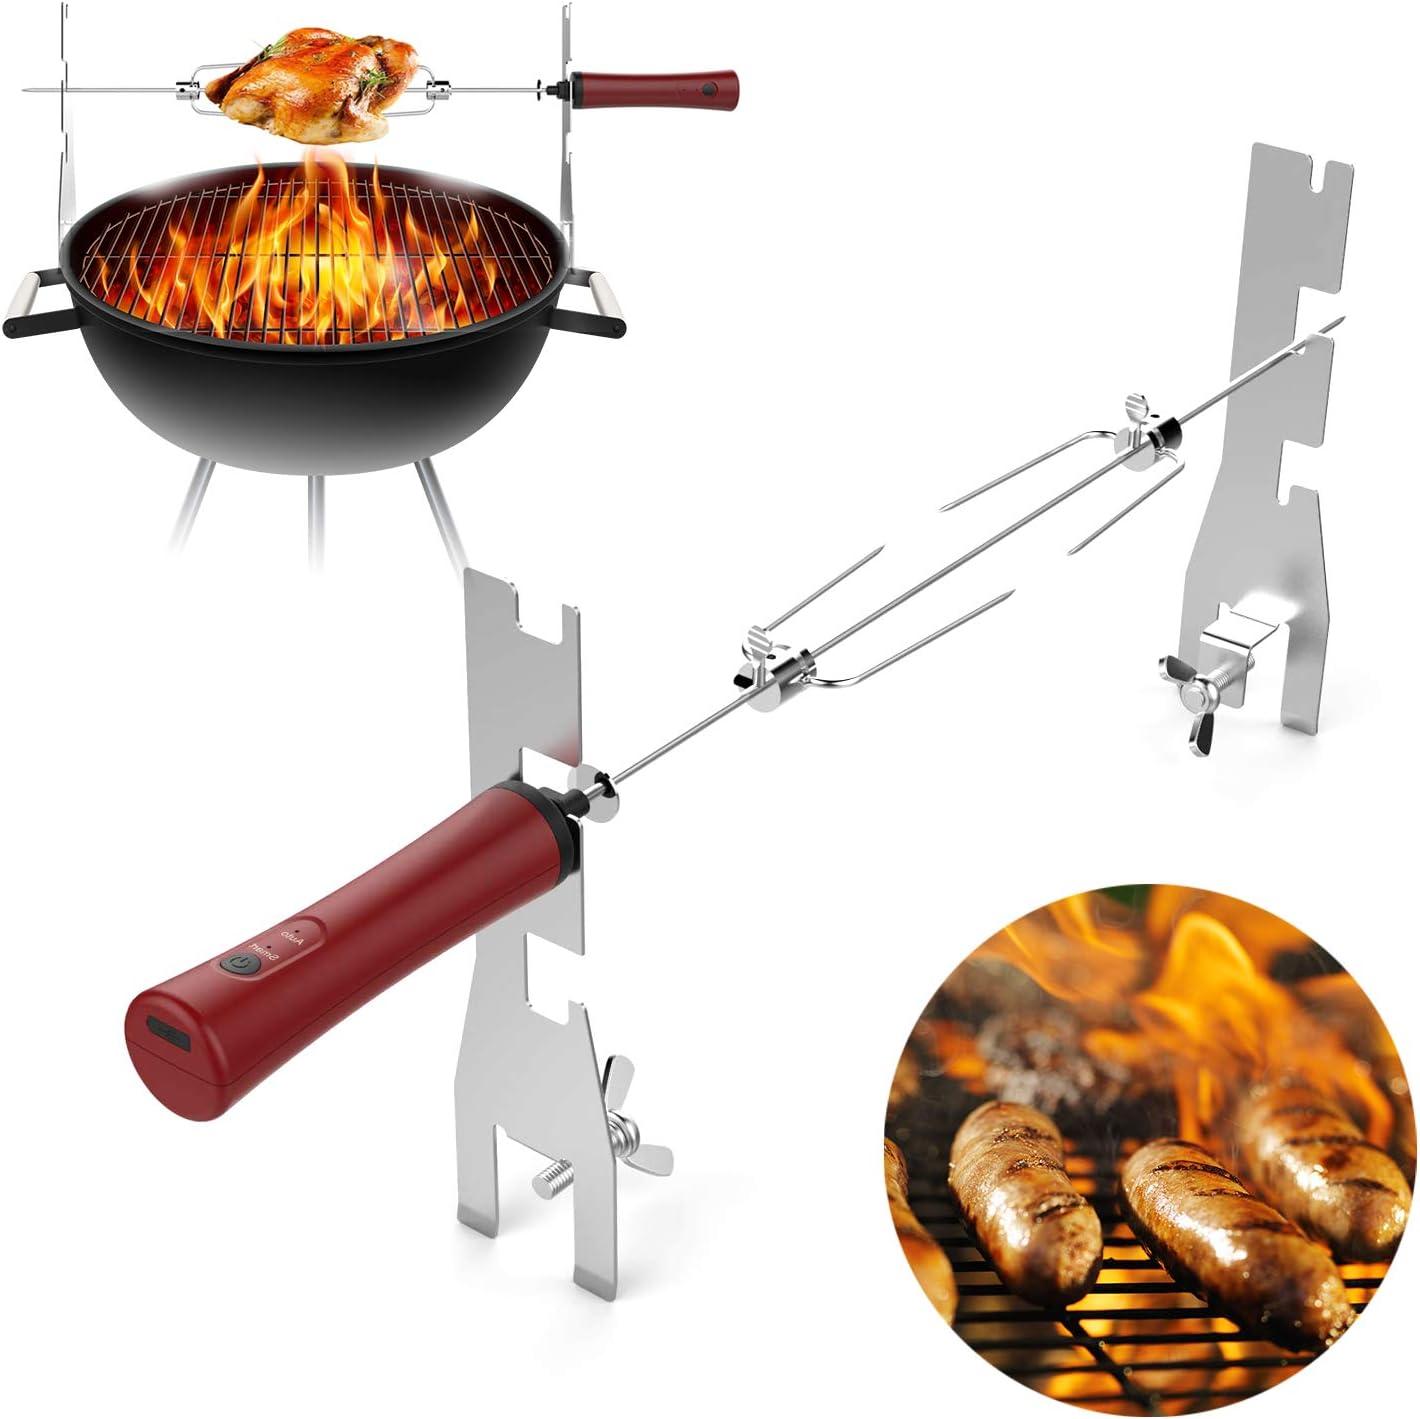 Elektrischer Grillspieß Drehspieß Drehspiess Grill Gasgrill Rotisserie BBQ Spieß